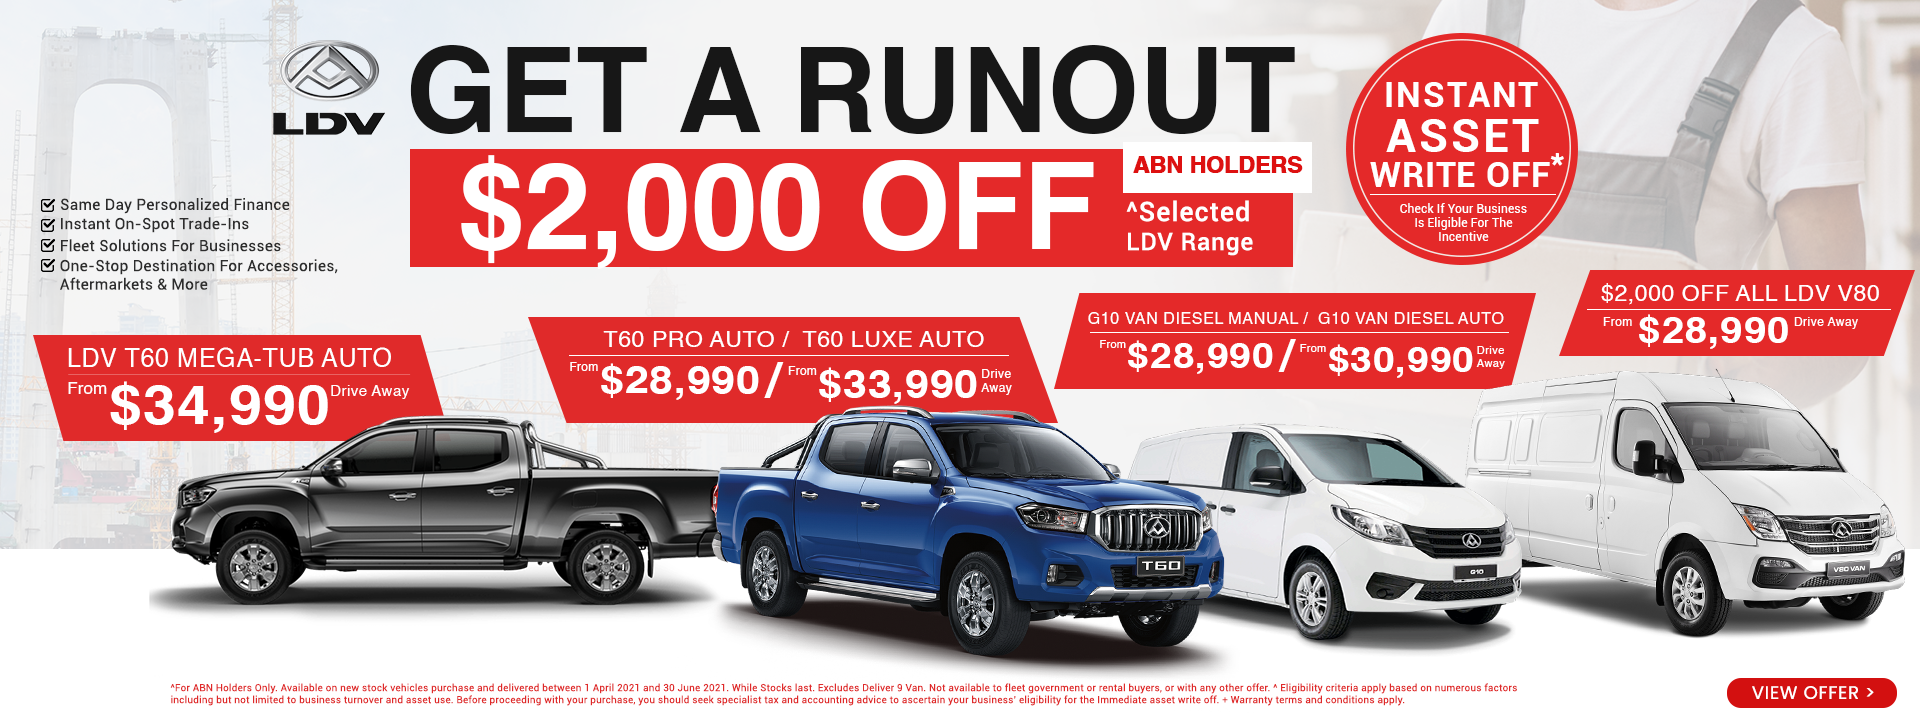 ldv_for_sale_offer